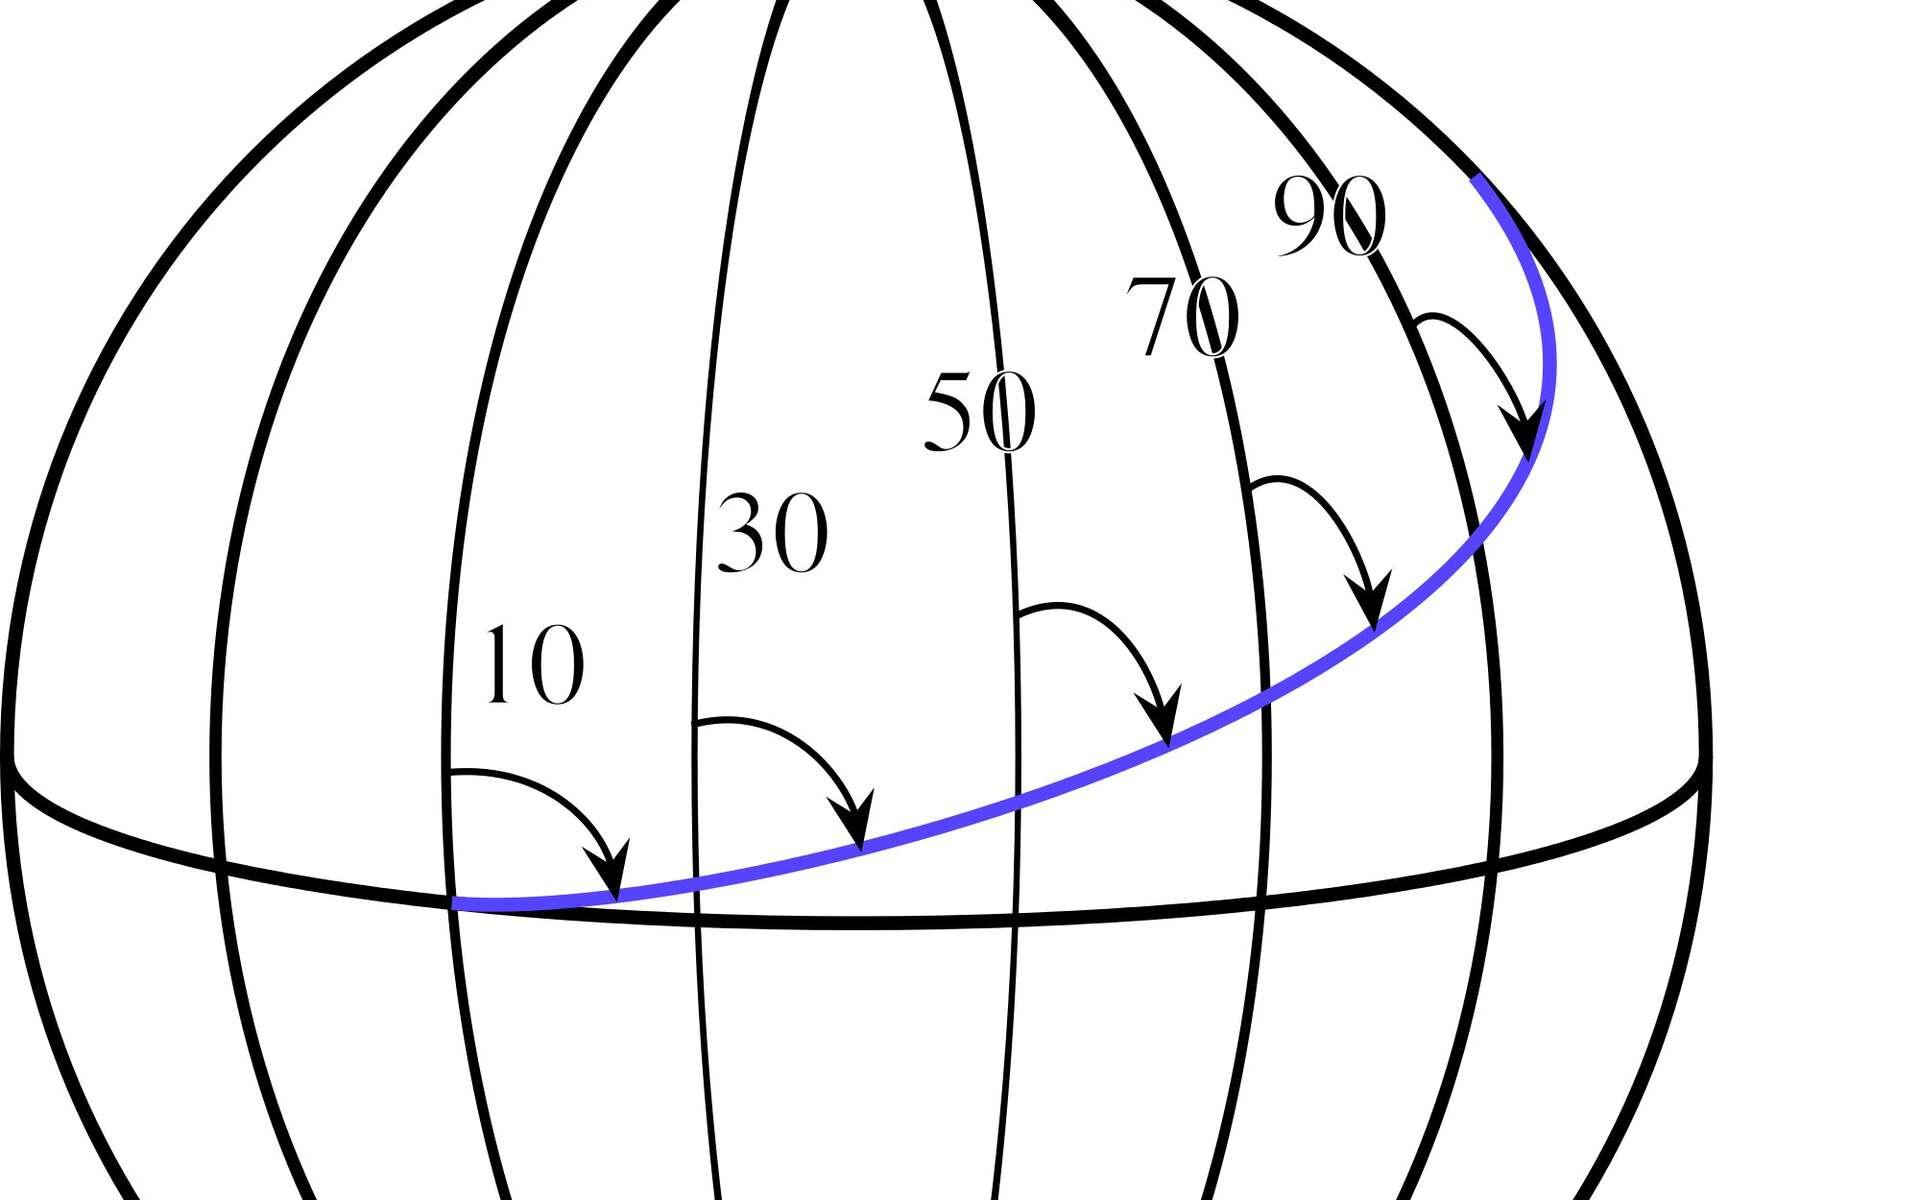 Une route loxodromique est indiquée en bleu sur ce globe. Elle coupe les méridiens (10°, 20°, 30°, etc.) avec un angle constant et peut ainsi se poursuivre jusqu'au pôle Nord. Elle formera alors une spirale si elle est observée avec une vue centrée sur ce point. © Jérôme Blum, Wikimedia Commons, cc by sa 2.0